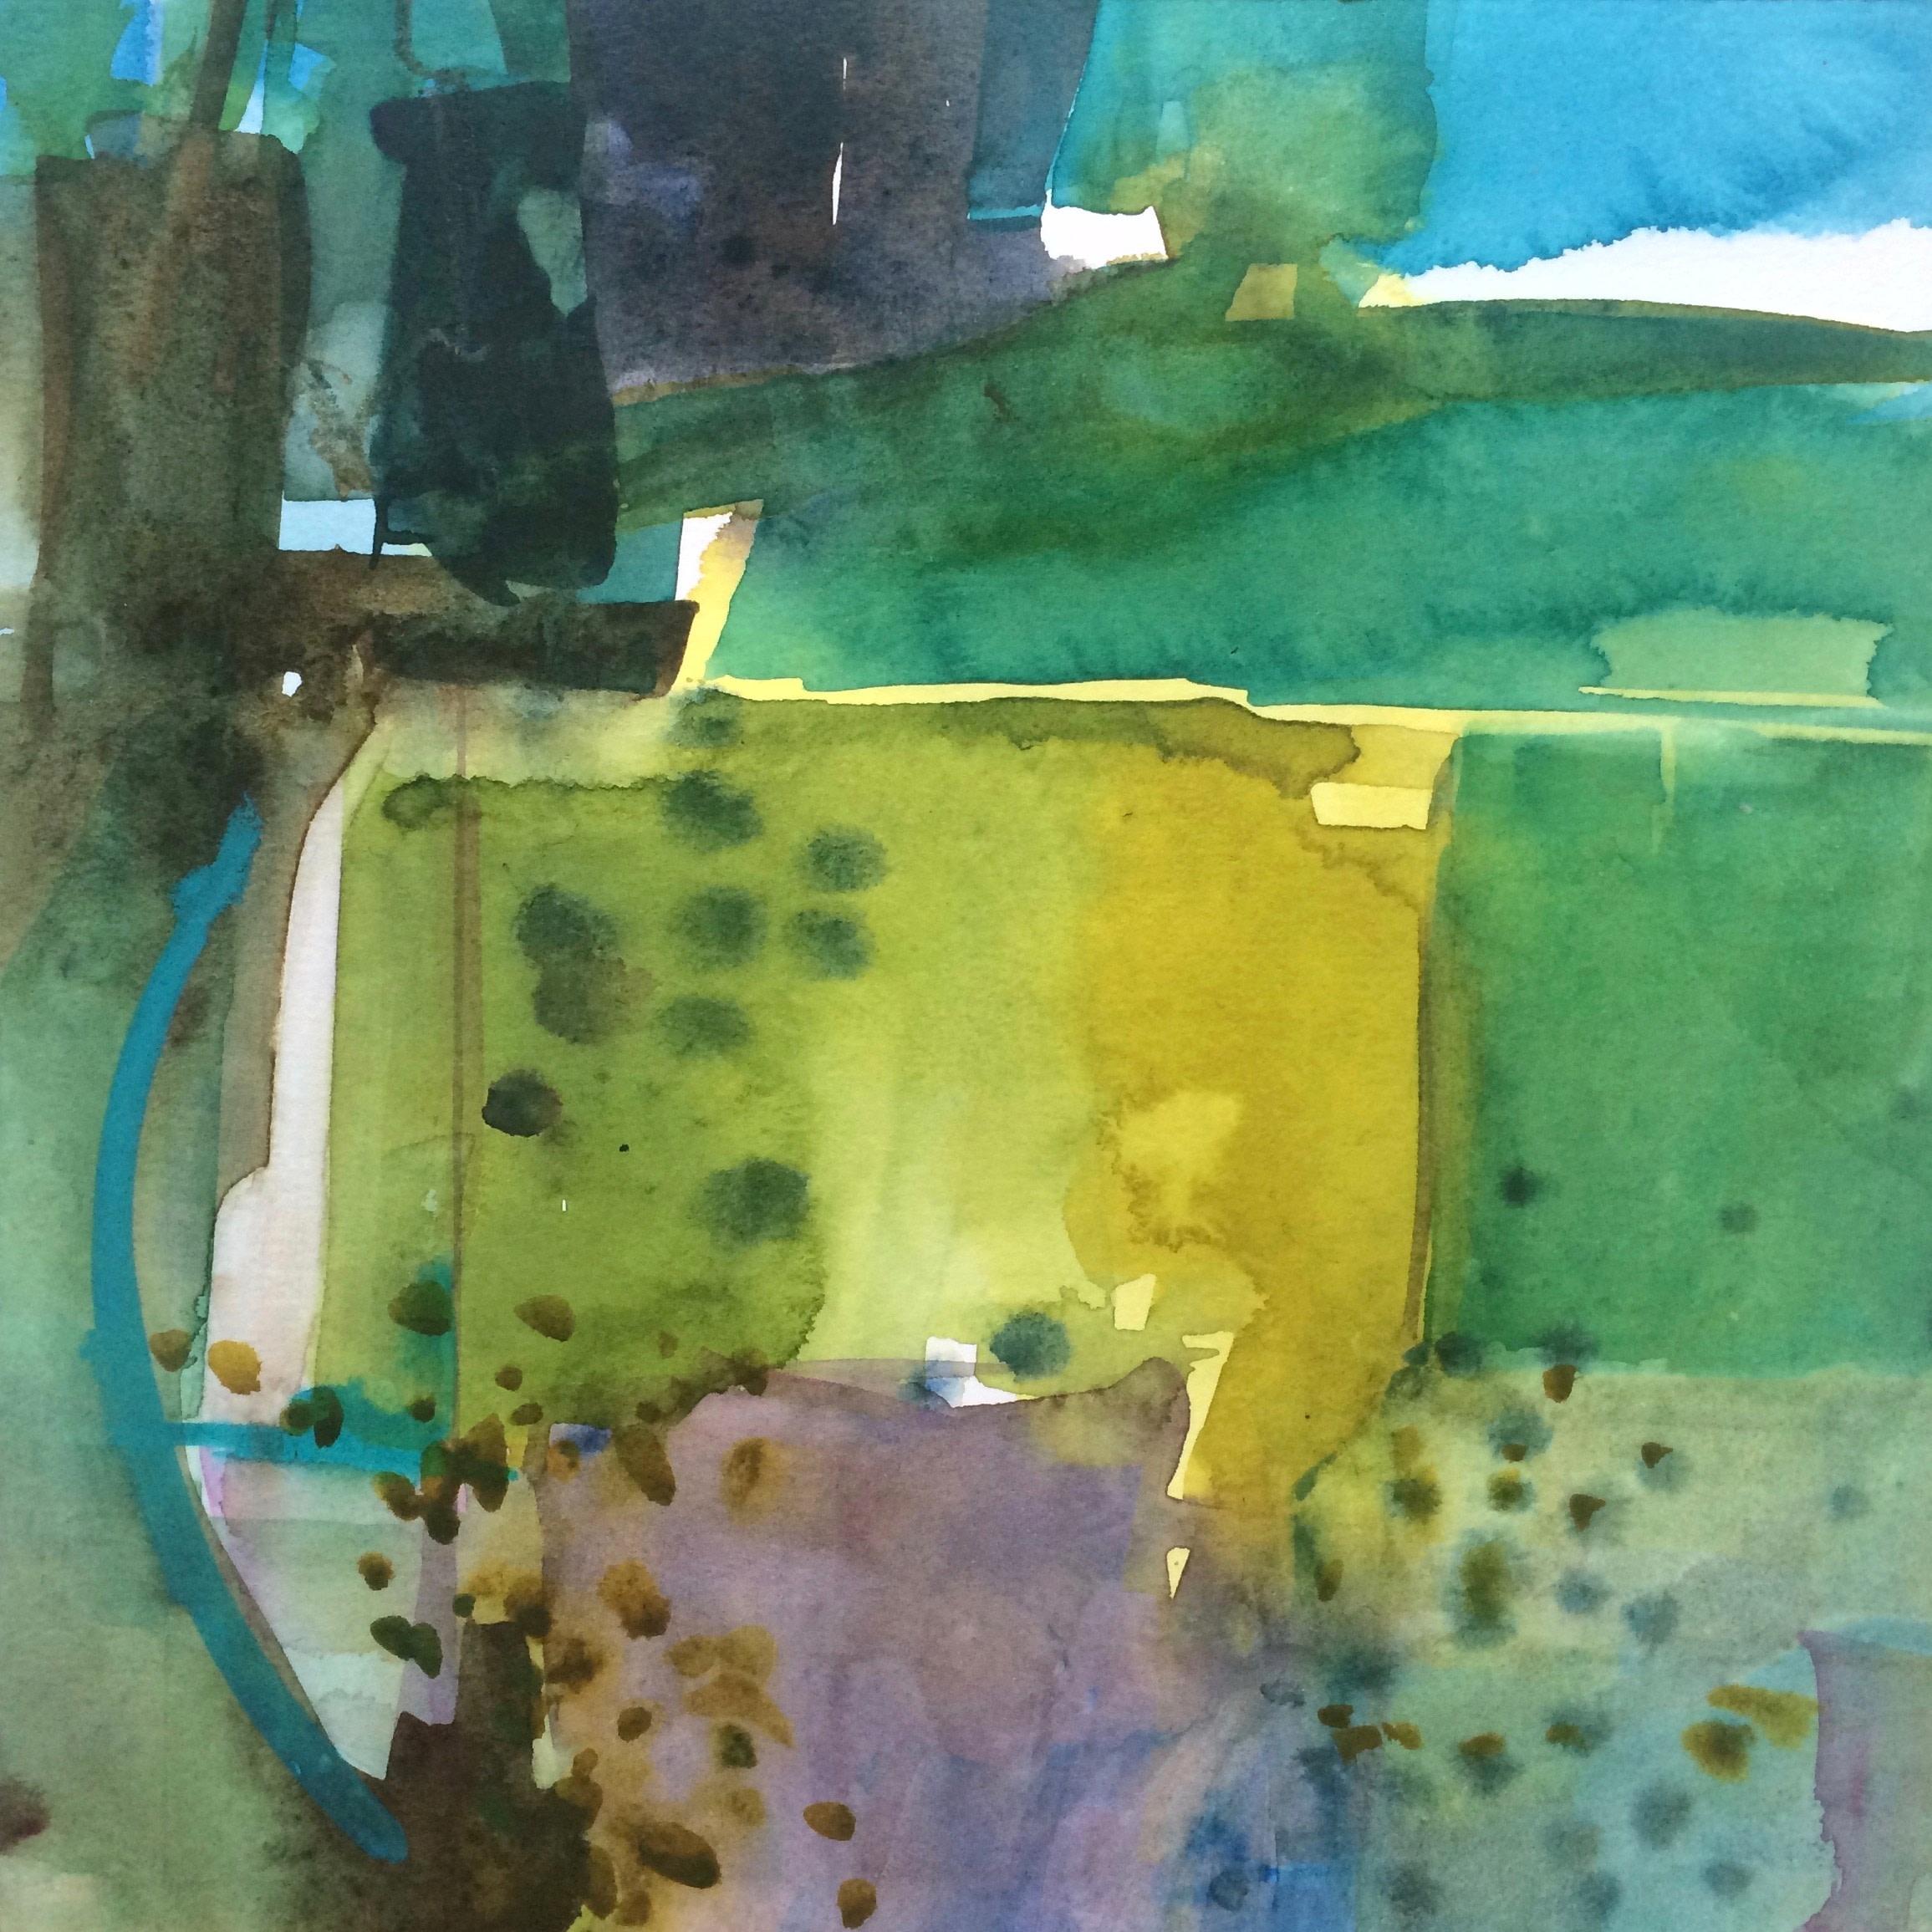 <span class=&#34;link fancybox-details-link&#34;><a href=&#34;/exhibitions/16/works/image_standalone337/&#34;>View Detail Page</a></span><p>Ella Clocksin,&#160;<em>Landscript 1</em>, &#163;330</p>